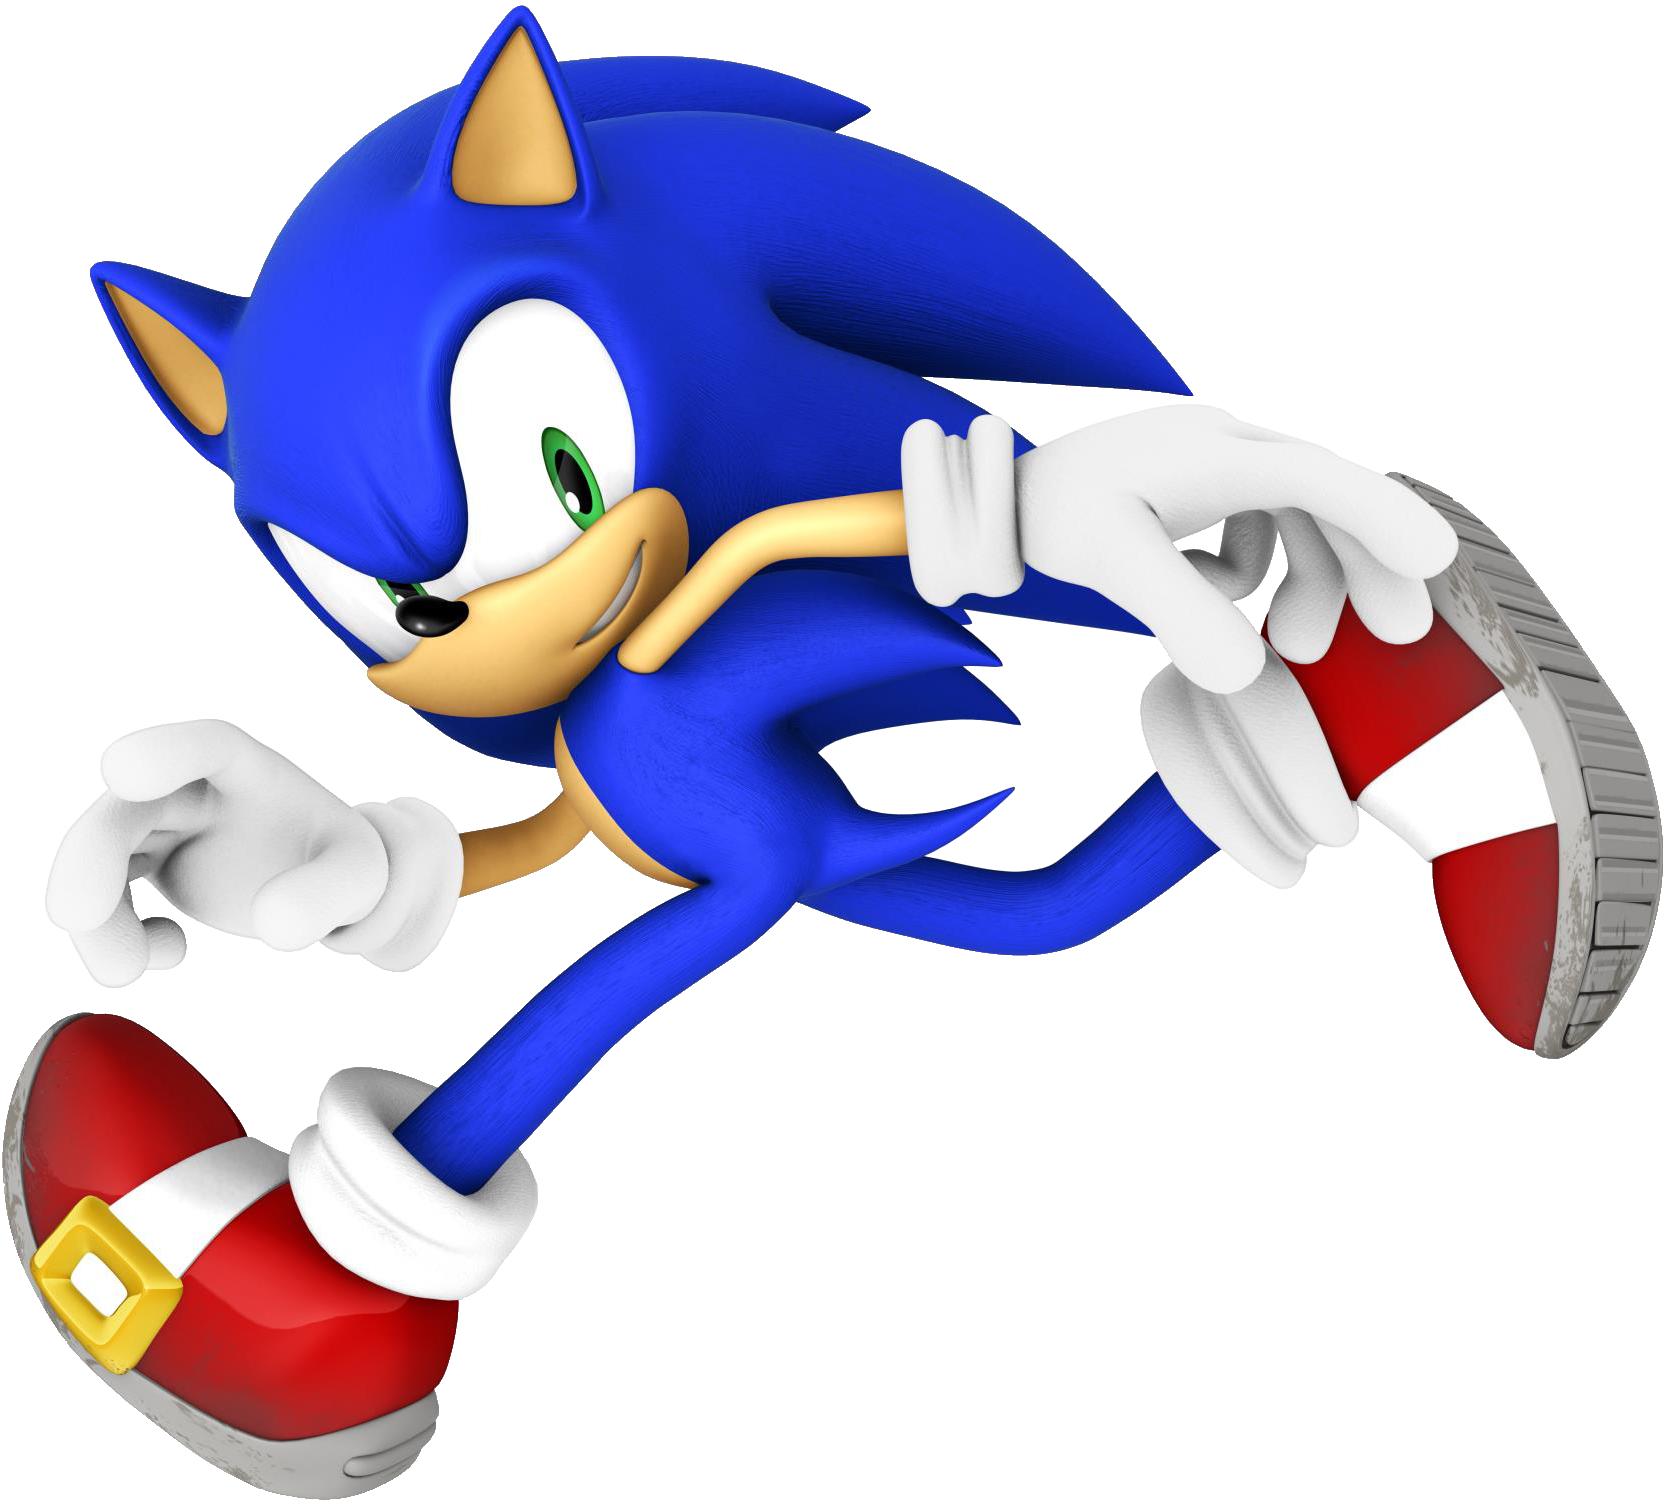 File:Sonic Sega 3.png